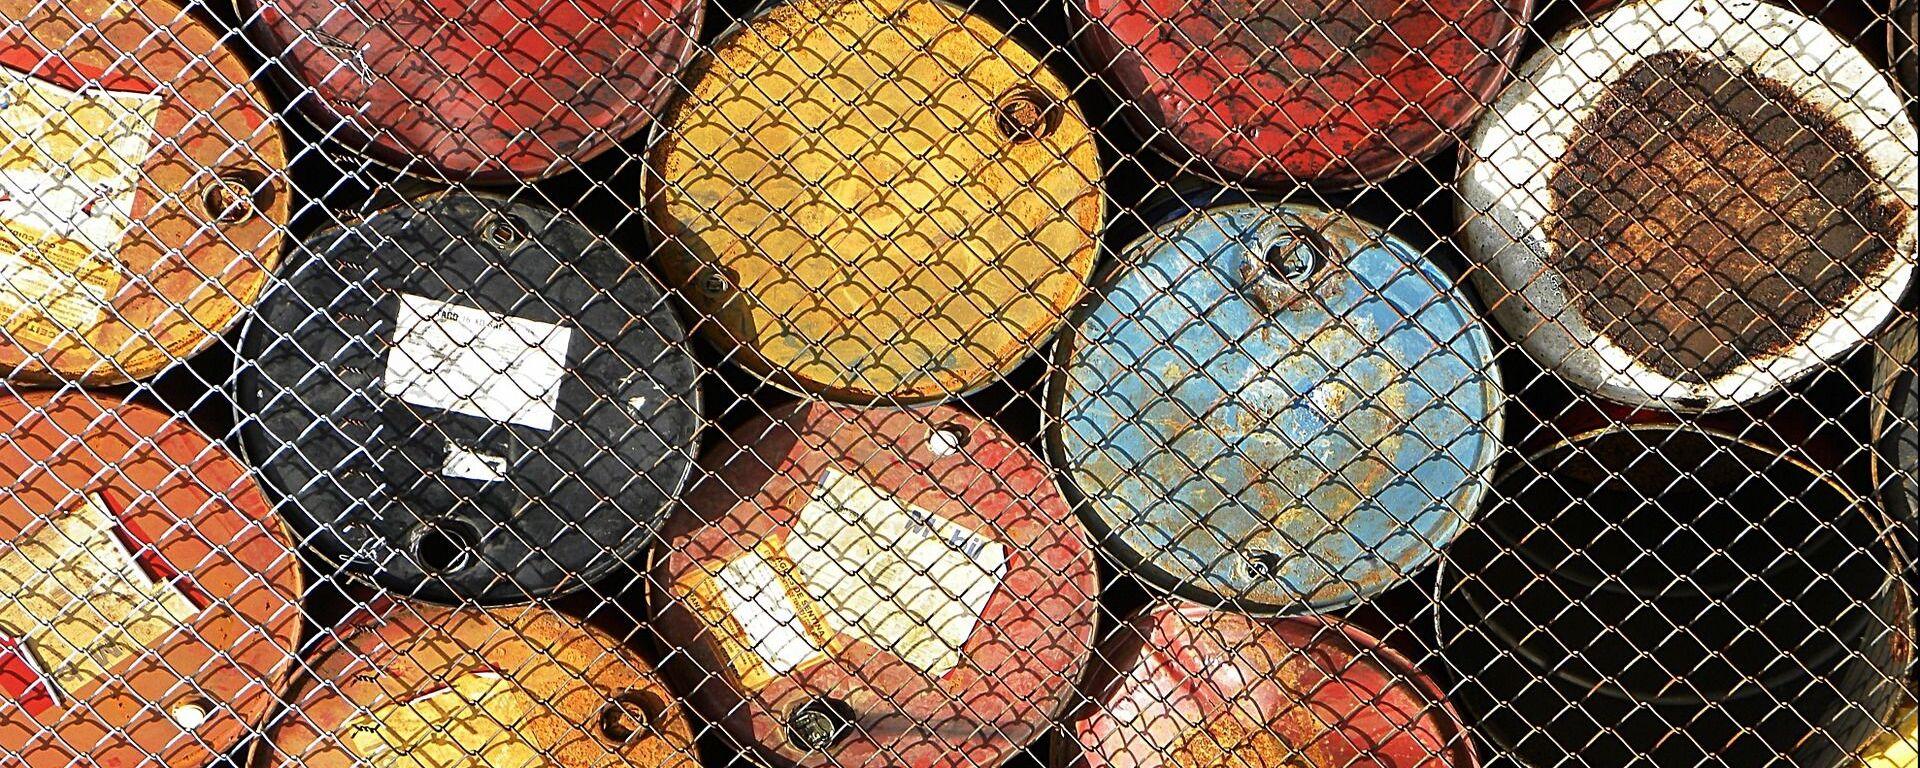 Barriles de petróleo - Sputnik Mundo, 1920, 03.03.2021